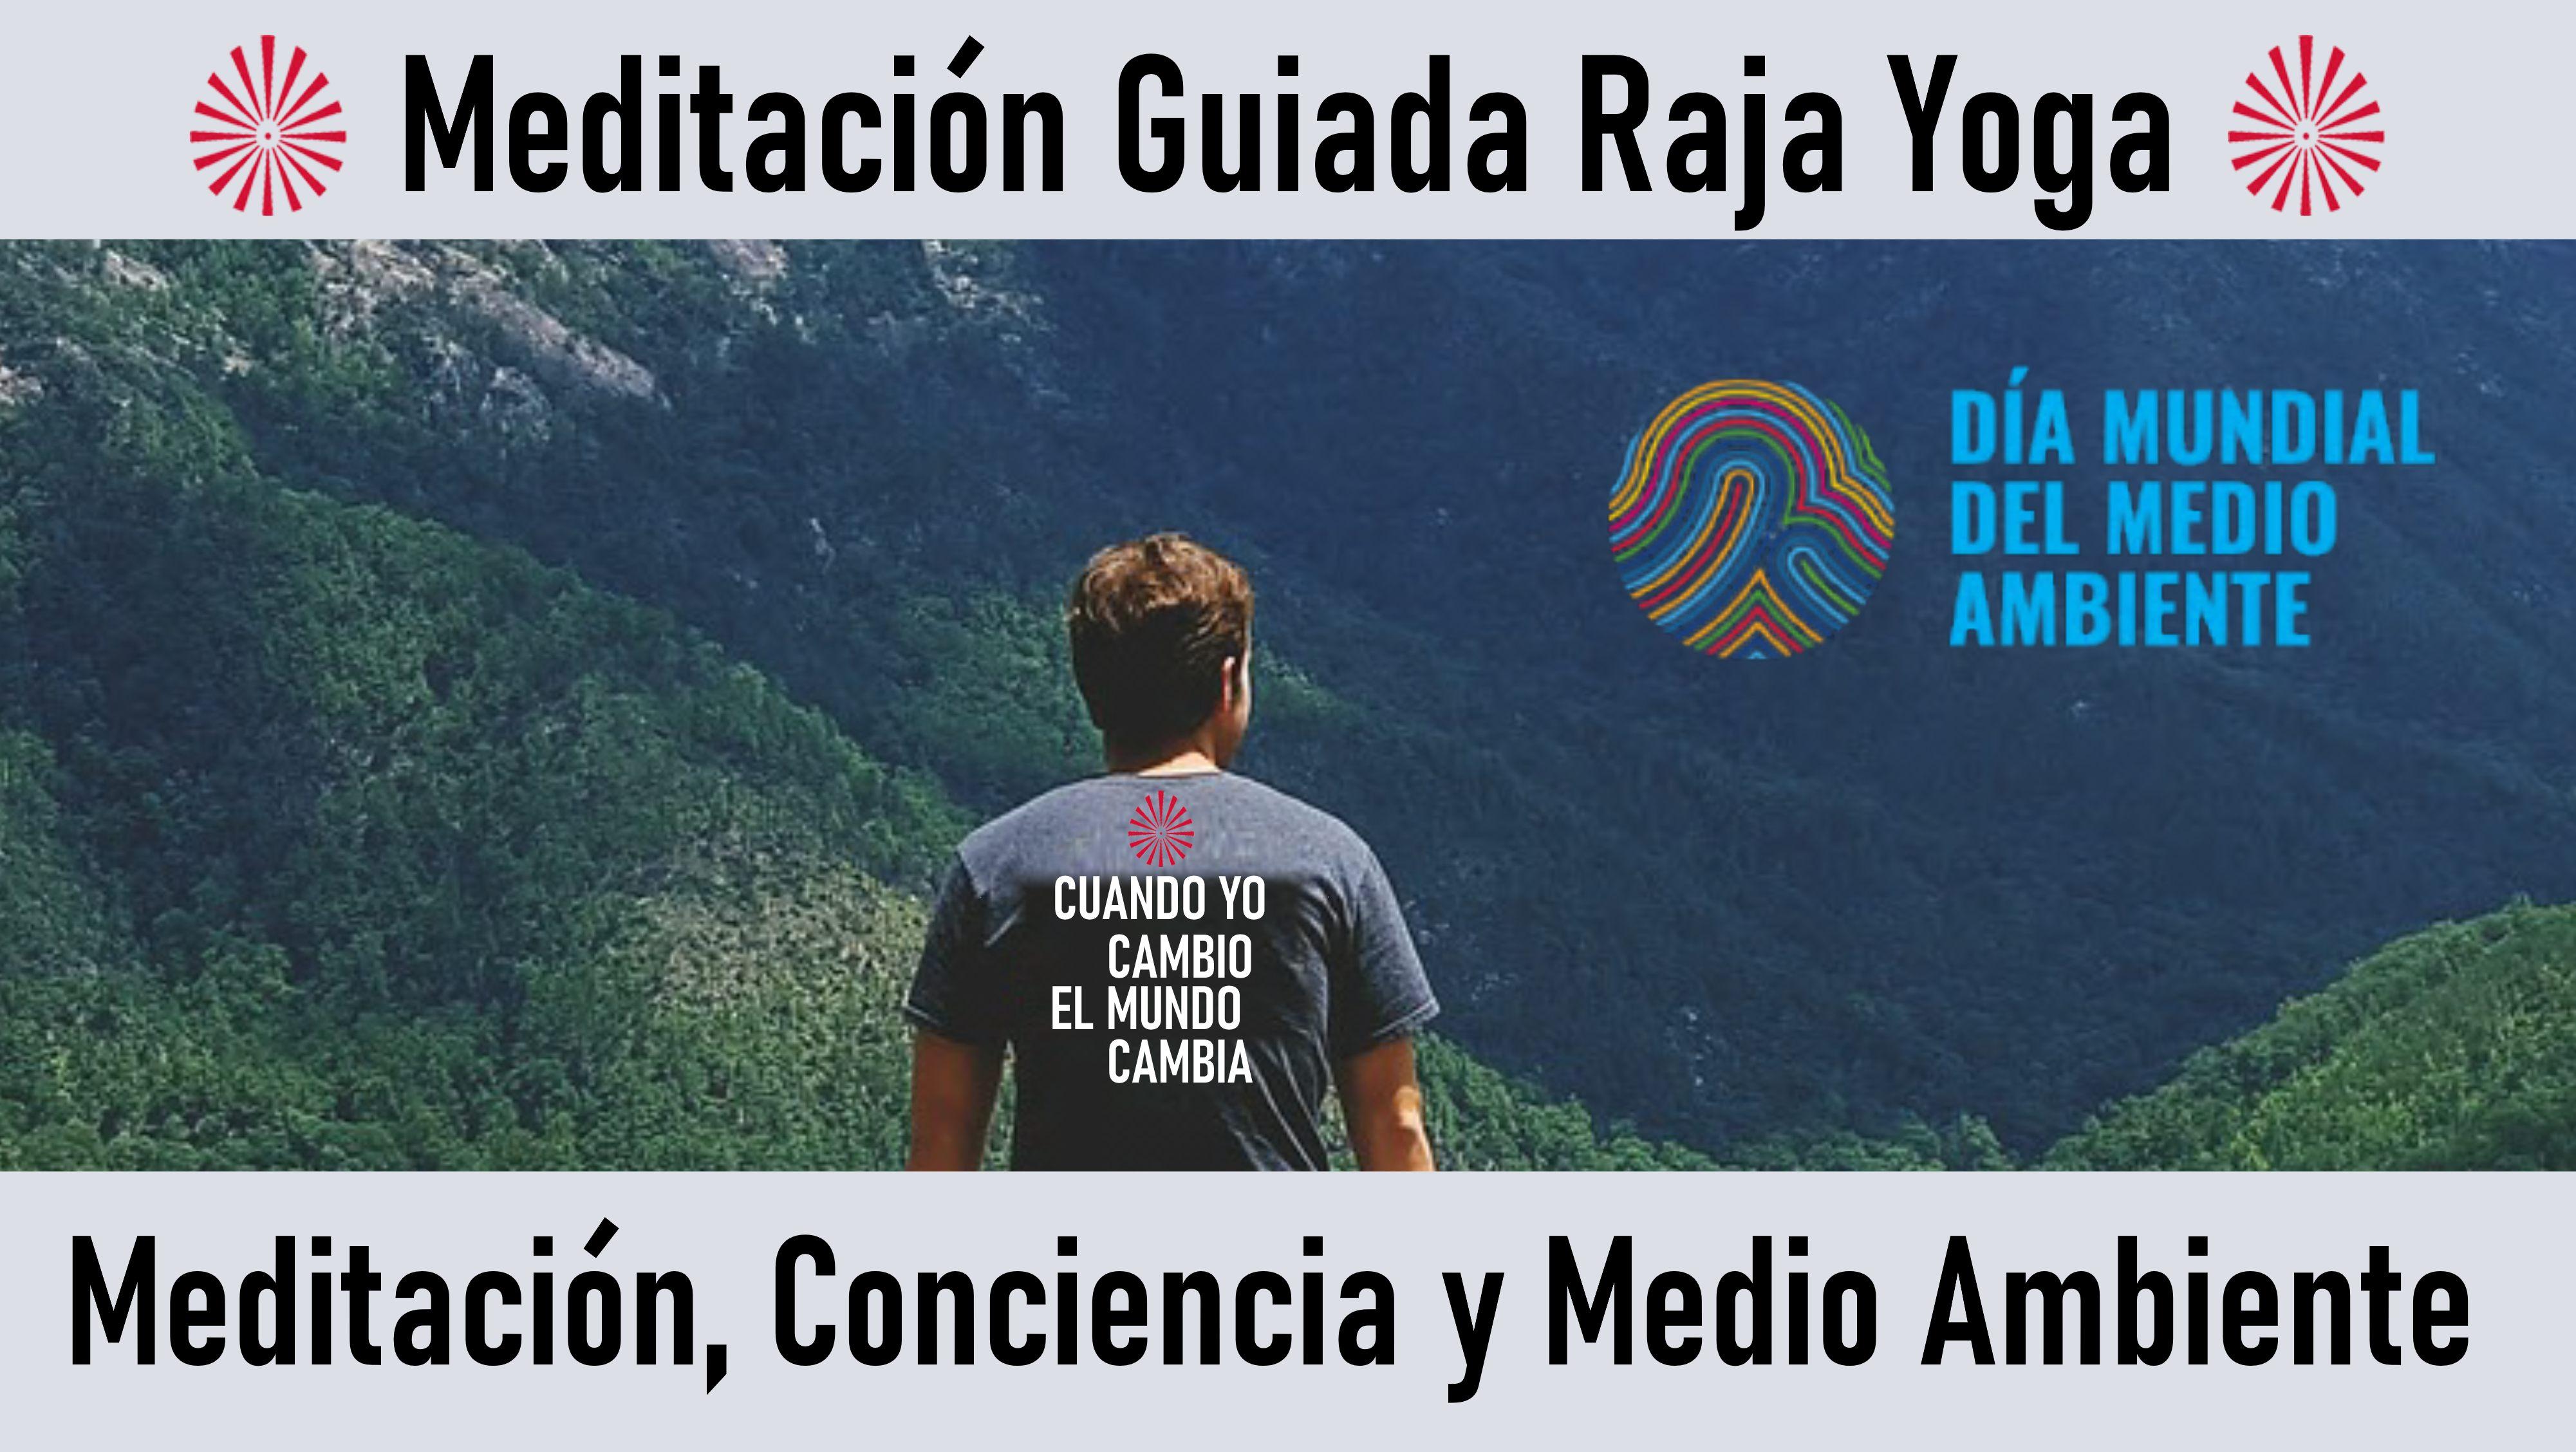 Meditación Raja Yoga: Meditación, Conciencia y Medio Ambiente (5 Junio 2020) On-line desde Madrid